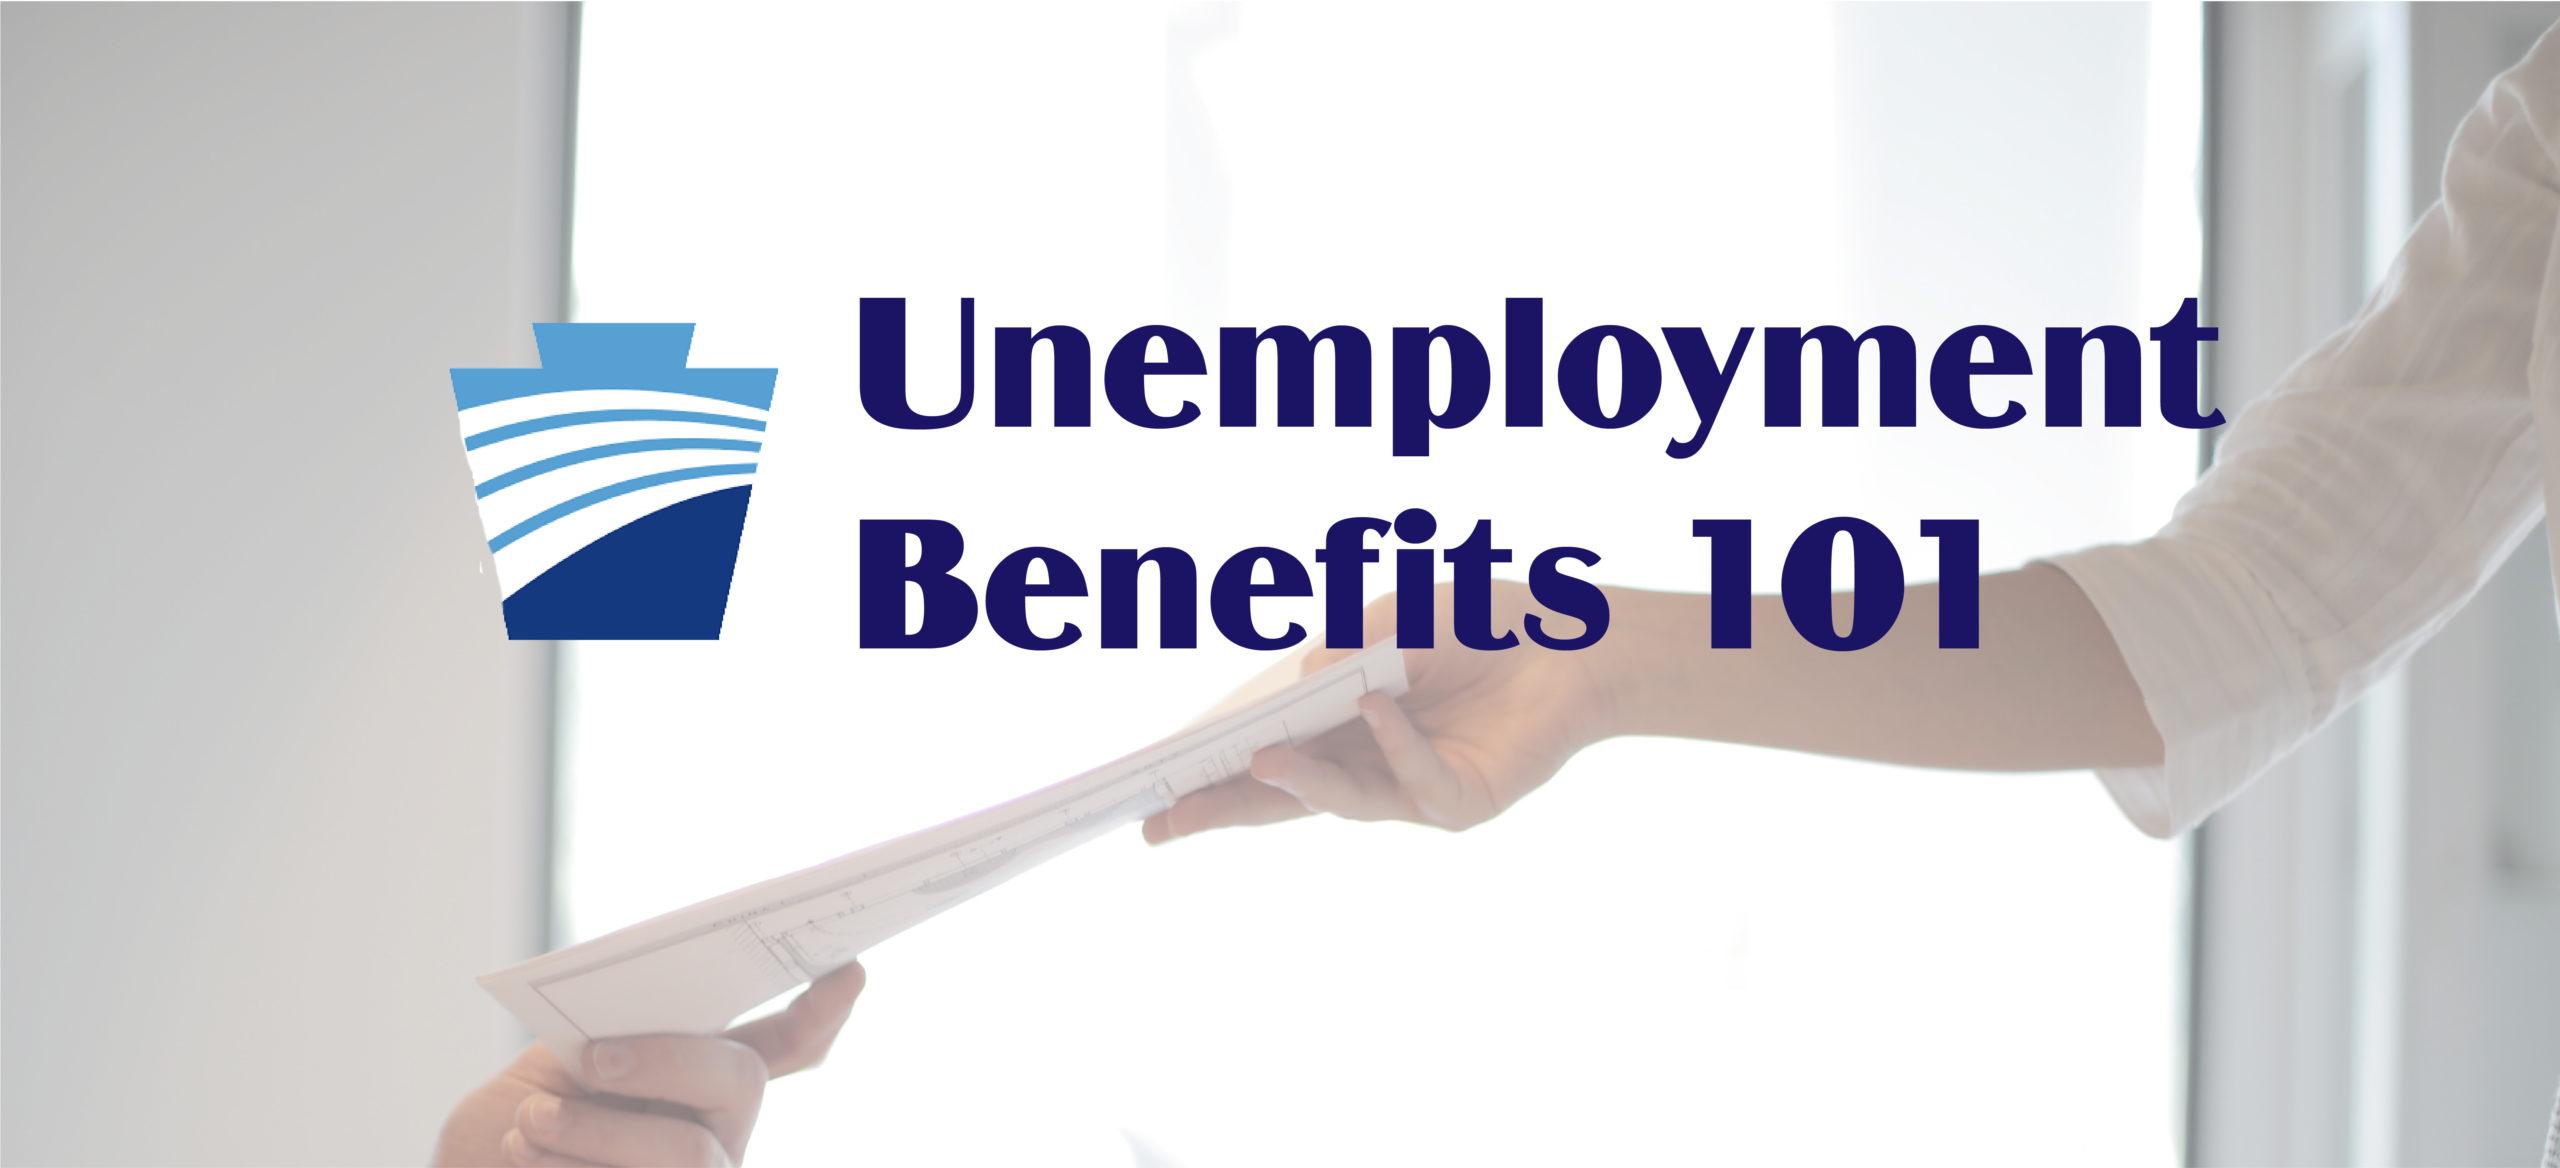 Unemployment Benefits 101